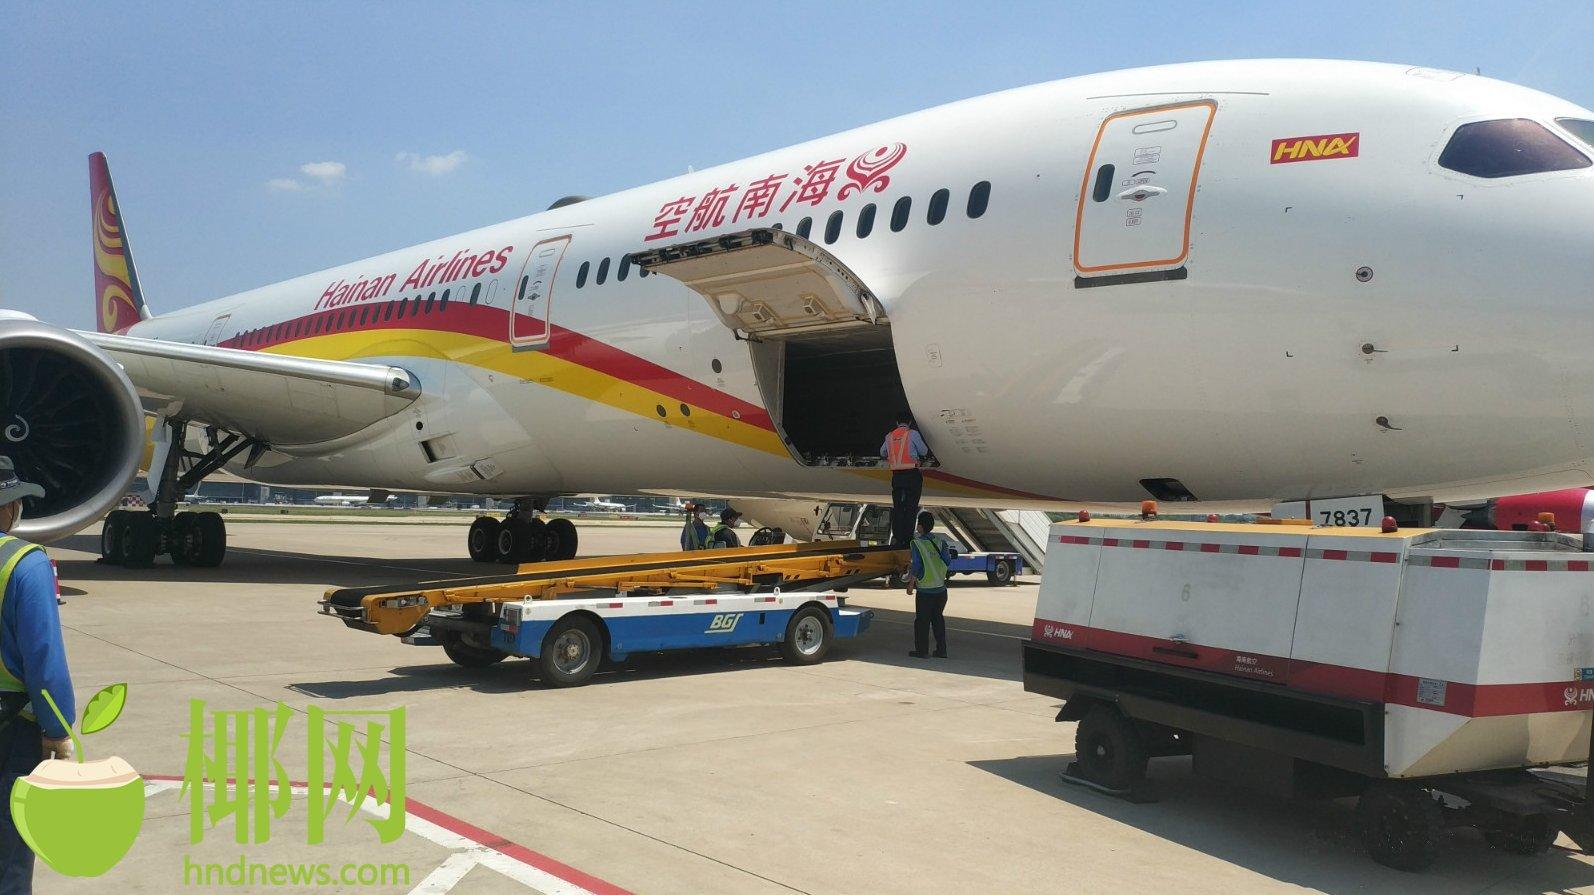 海南航空开通北京—多伦多客改货定期洲际货运航线,每周一个往返航班